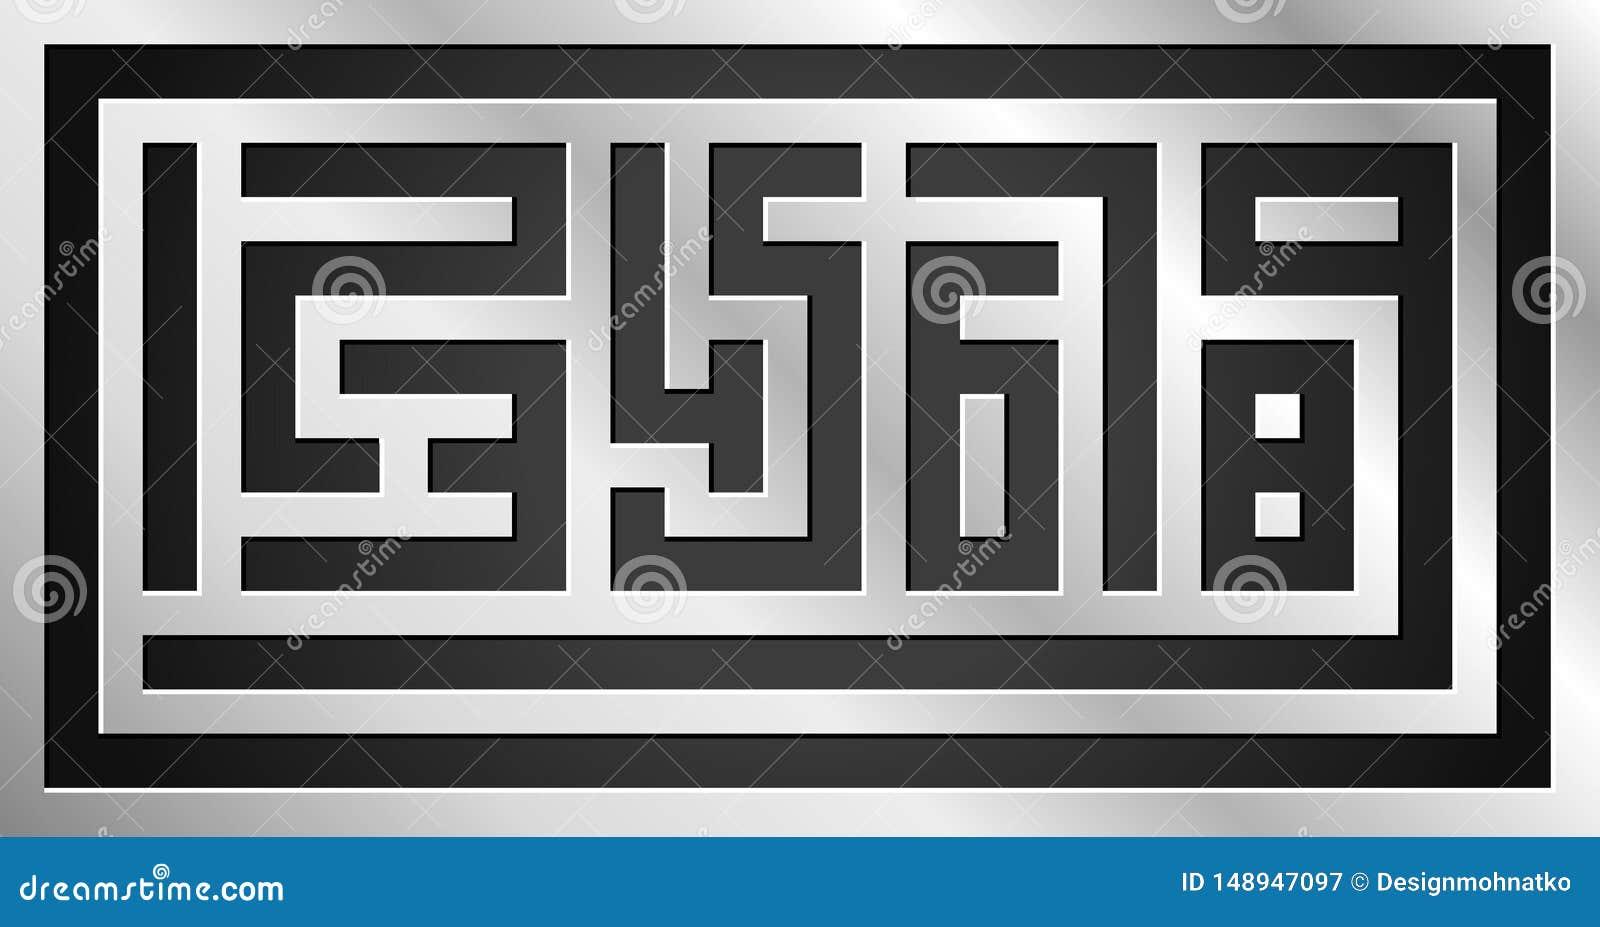 Geometrisches Desing von Zahlzeichen auf Stahlhintergrund